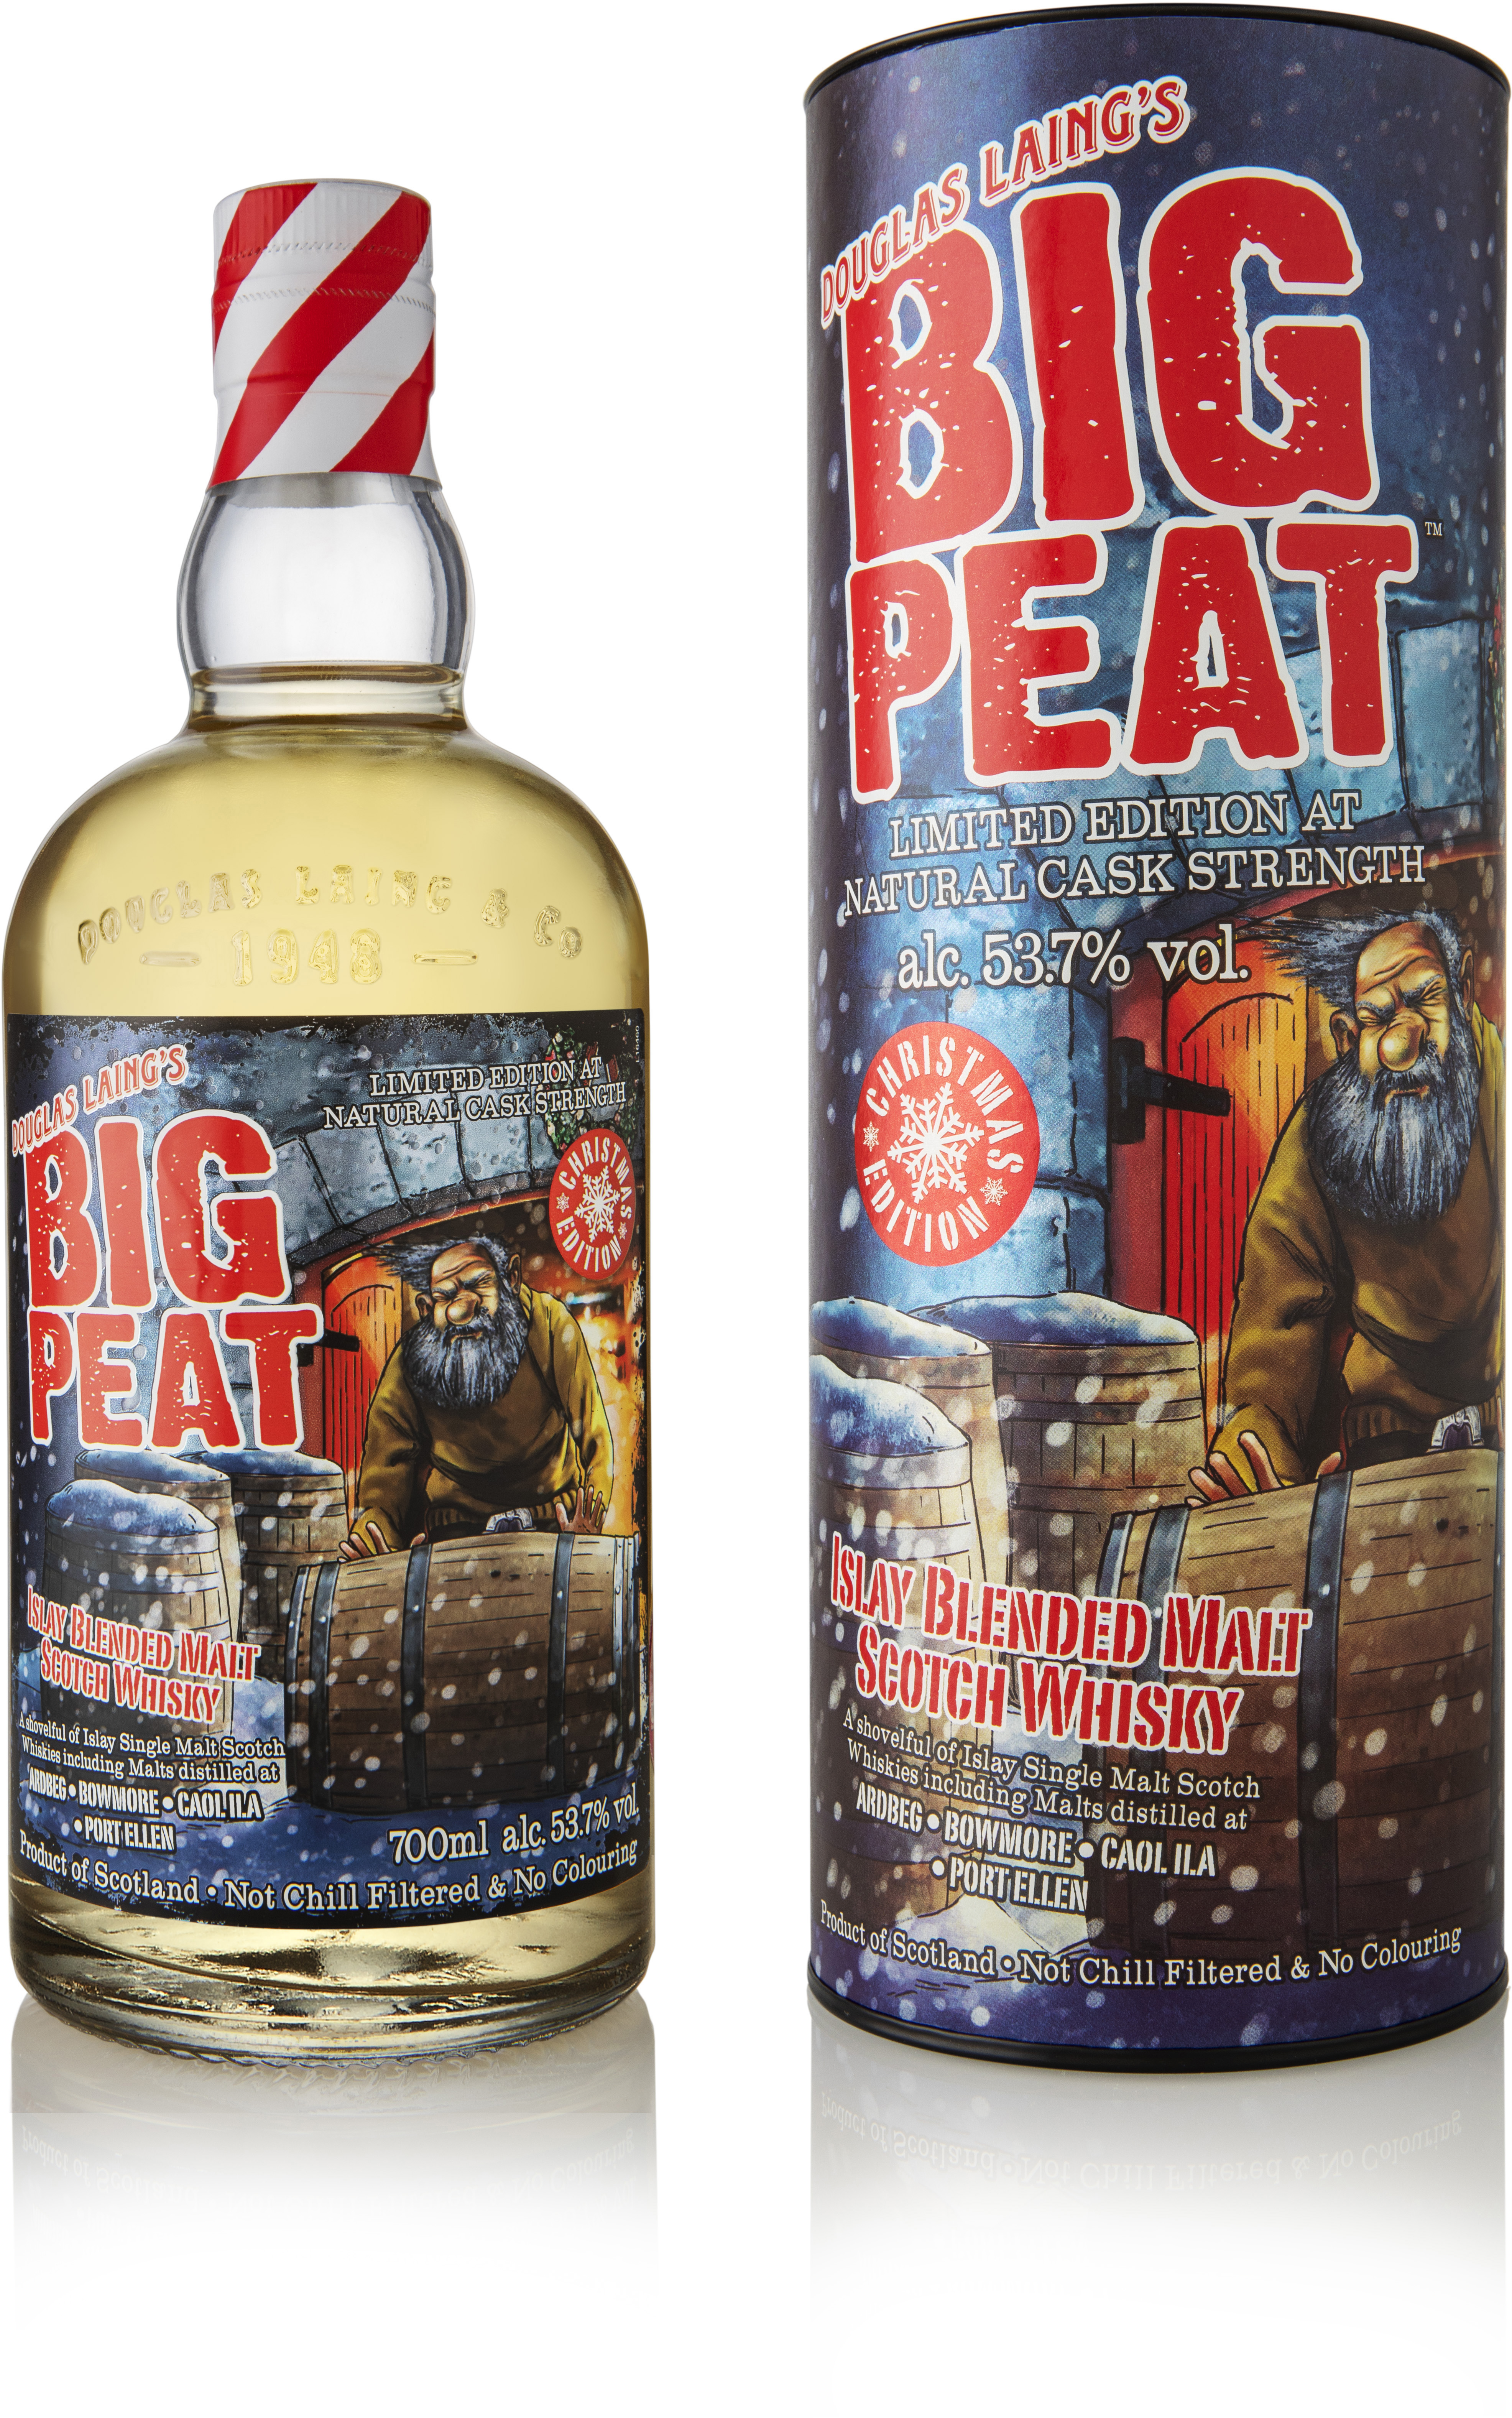 BIG PEAT CHRISTMAS EDITION 2019